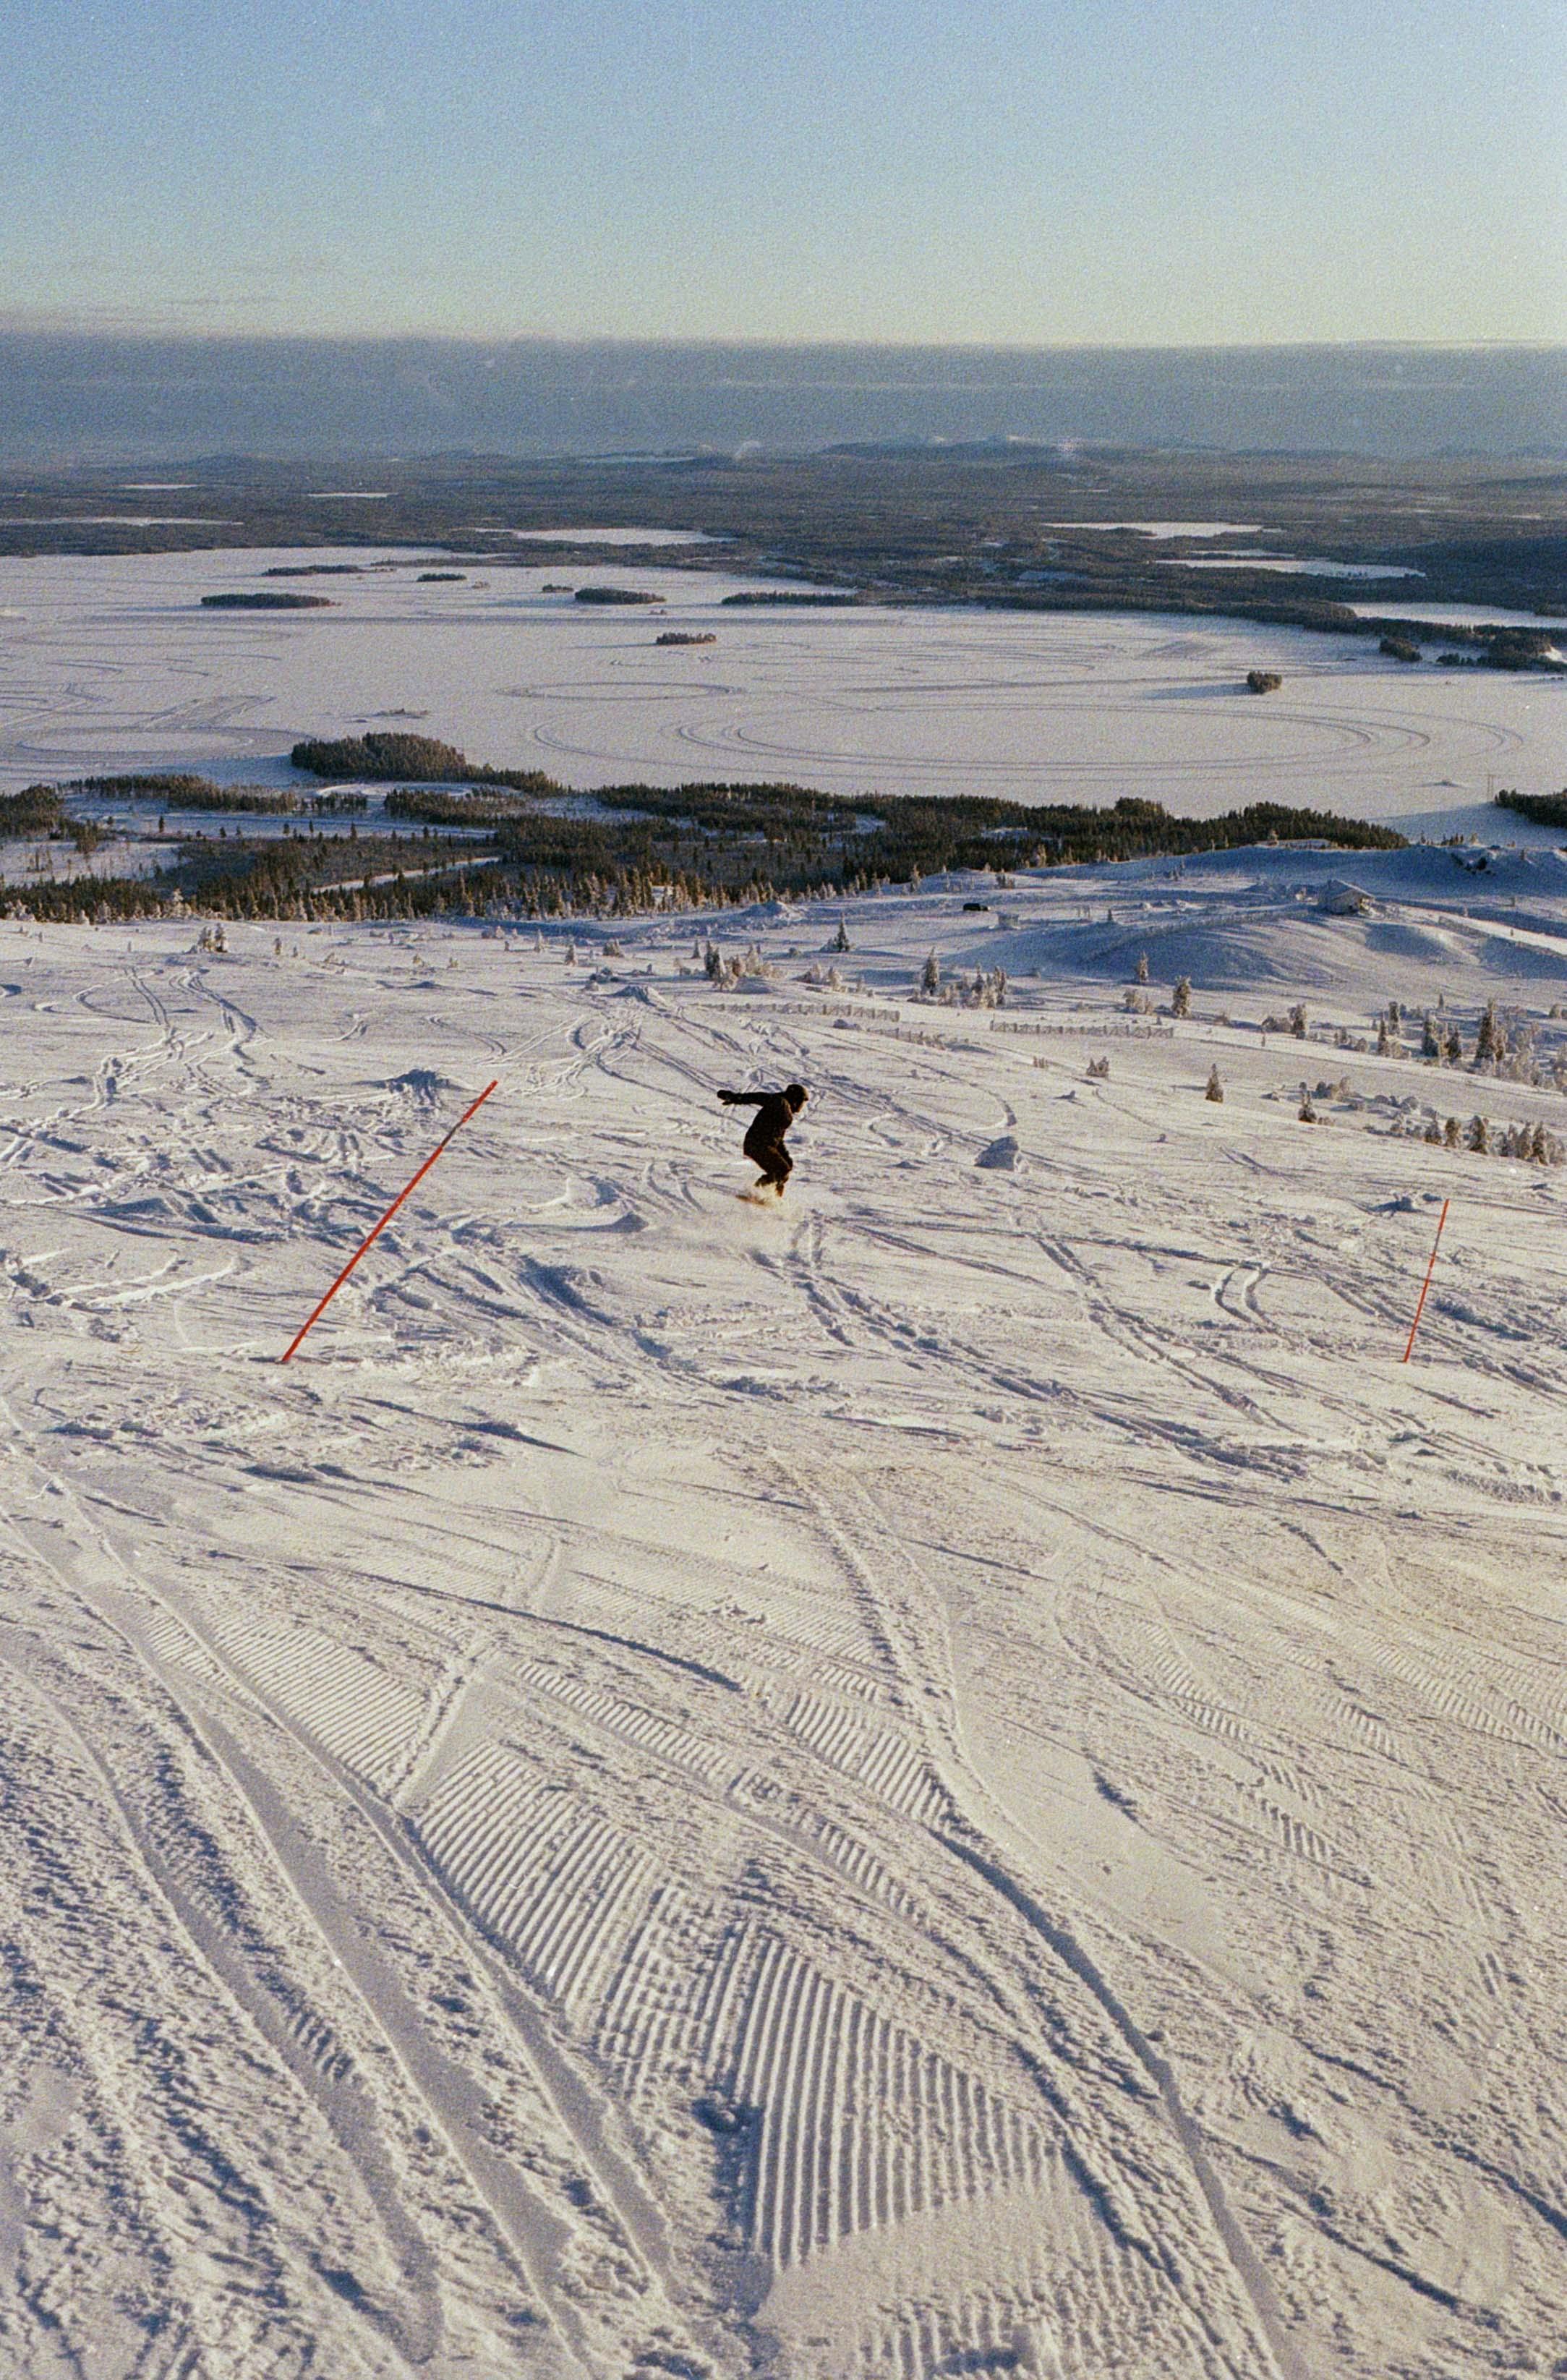 Galtis snowboarder_.jpg